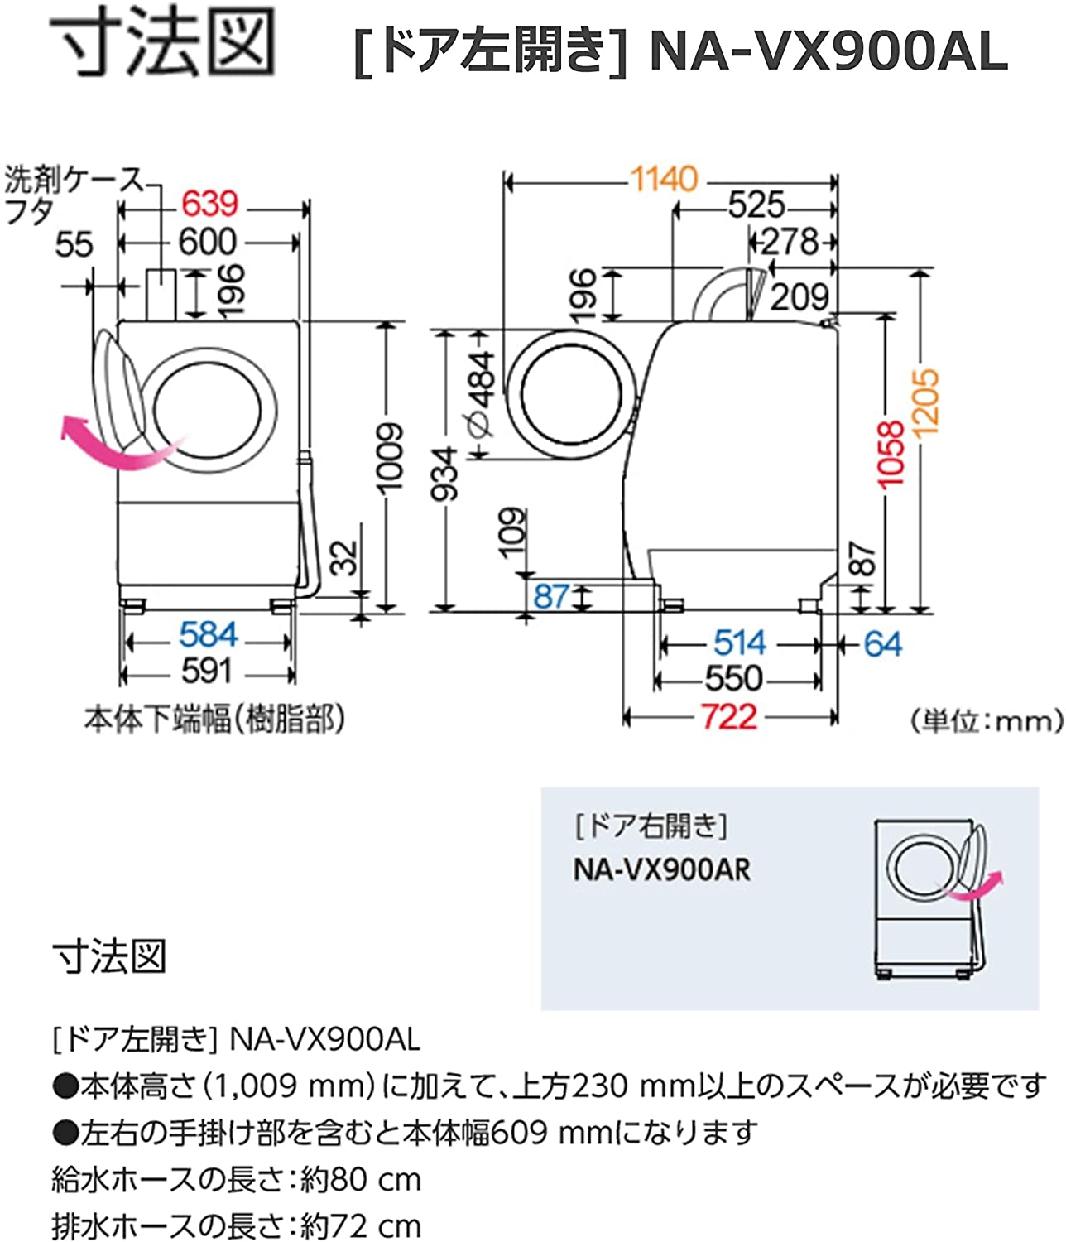 Panasonic(パナソニック) ななめドラム洗濯乾燥機 NA-VX900AL/Rの商品画像4